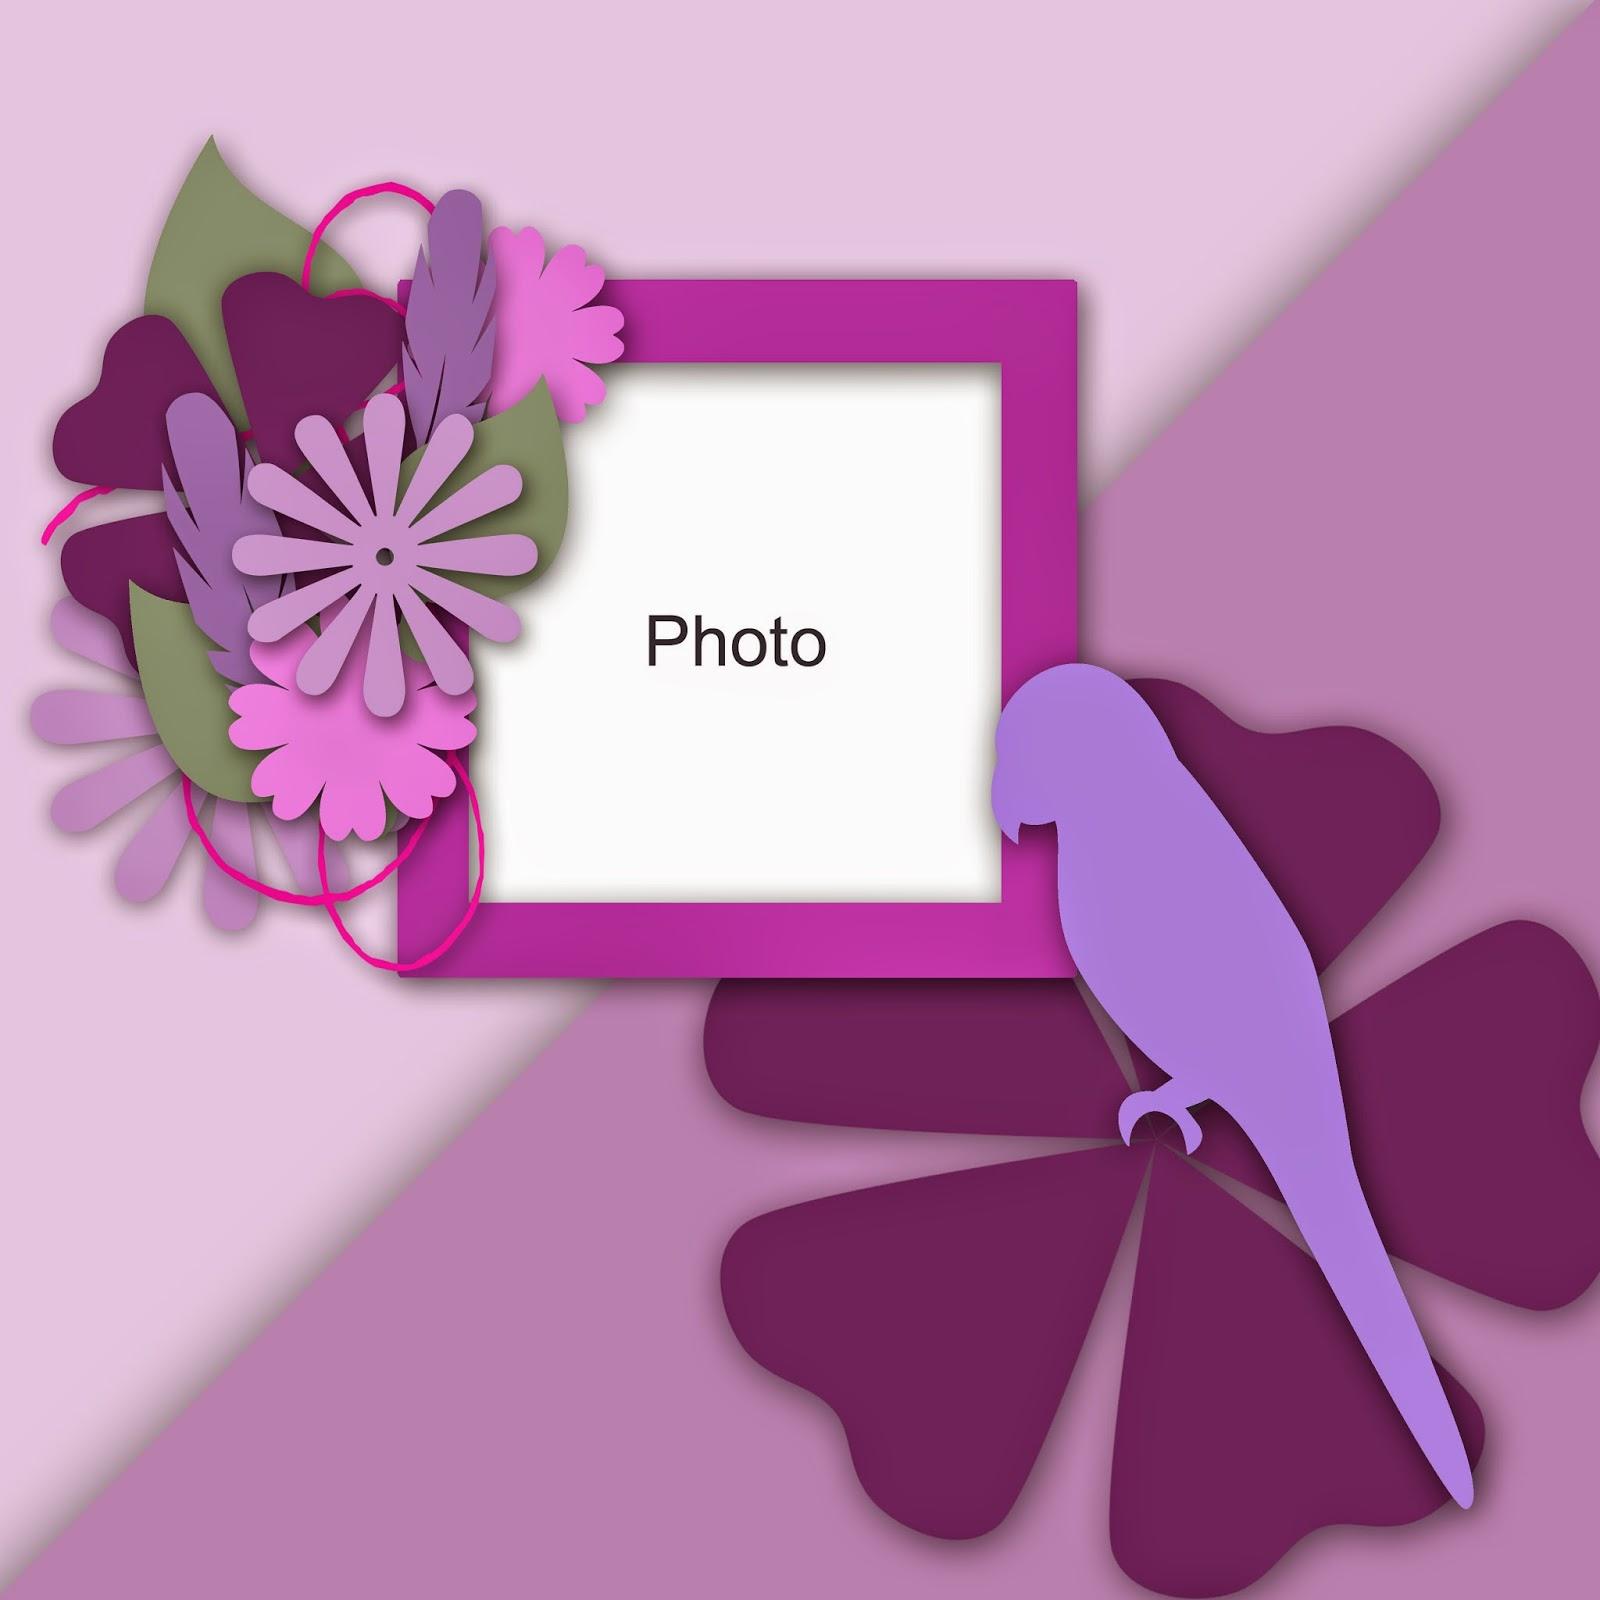 http://3.bp.blogspot.com/-FHWwyBLDzo8/VAJxmfMDngI/AAAAAAAAAyg/NIgyVZpiUFs/s1600/OklahomaDawn%2B08_31_14_edited-1.jpg